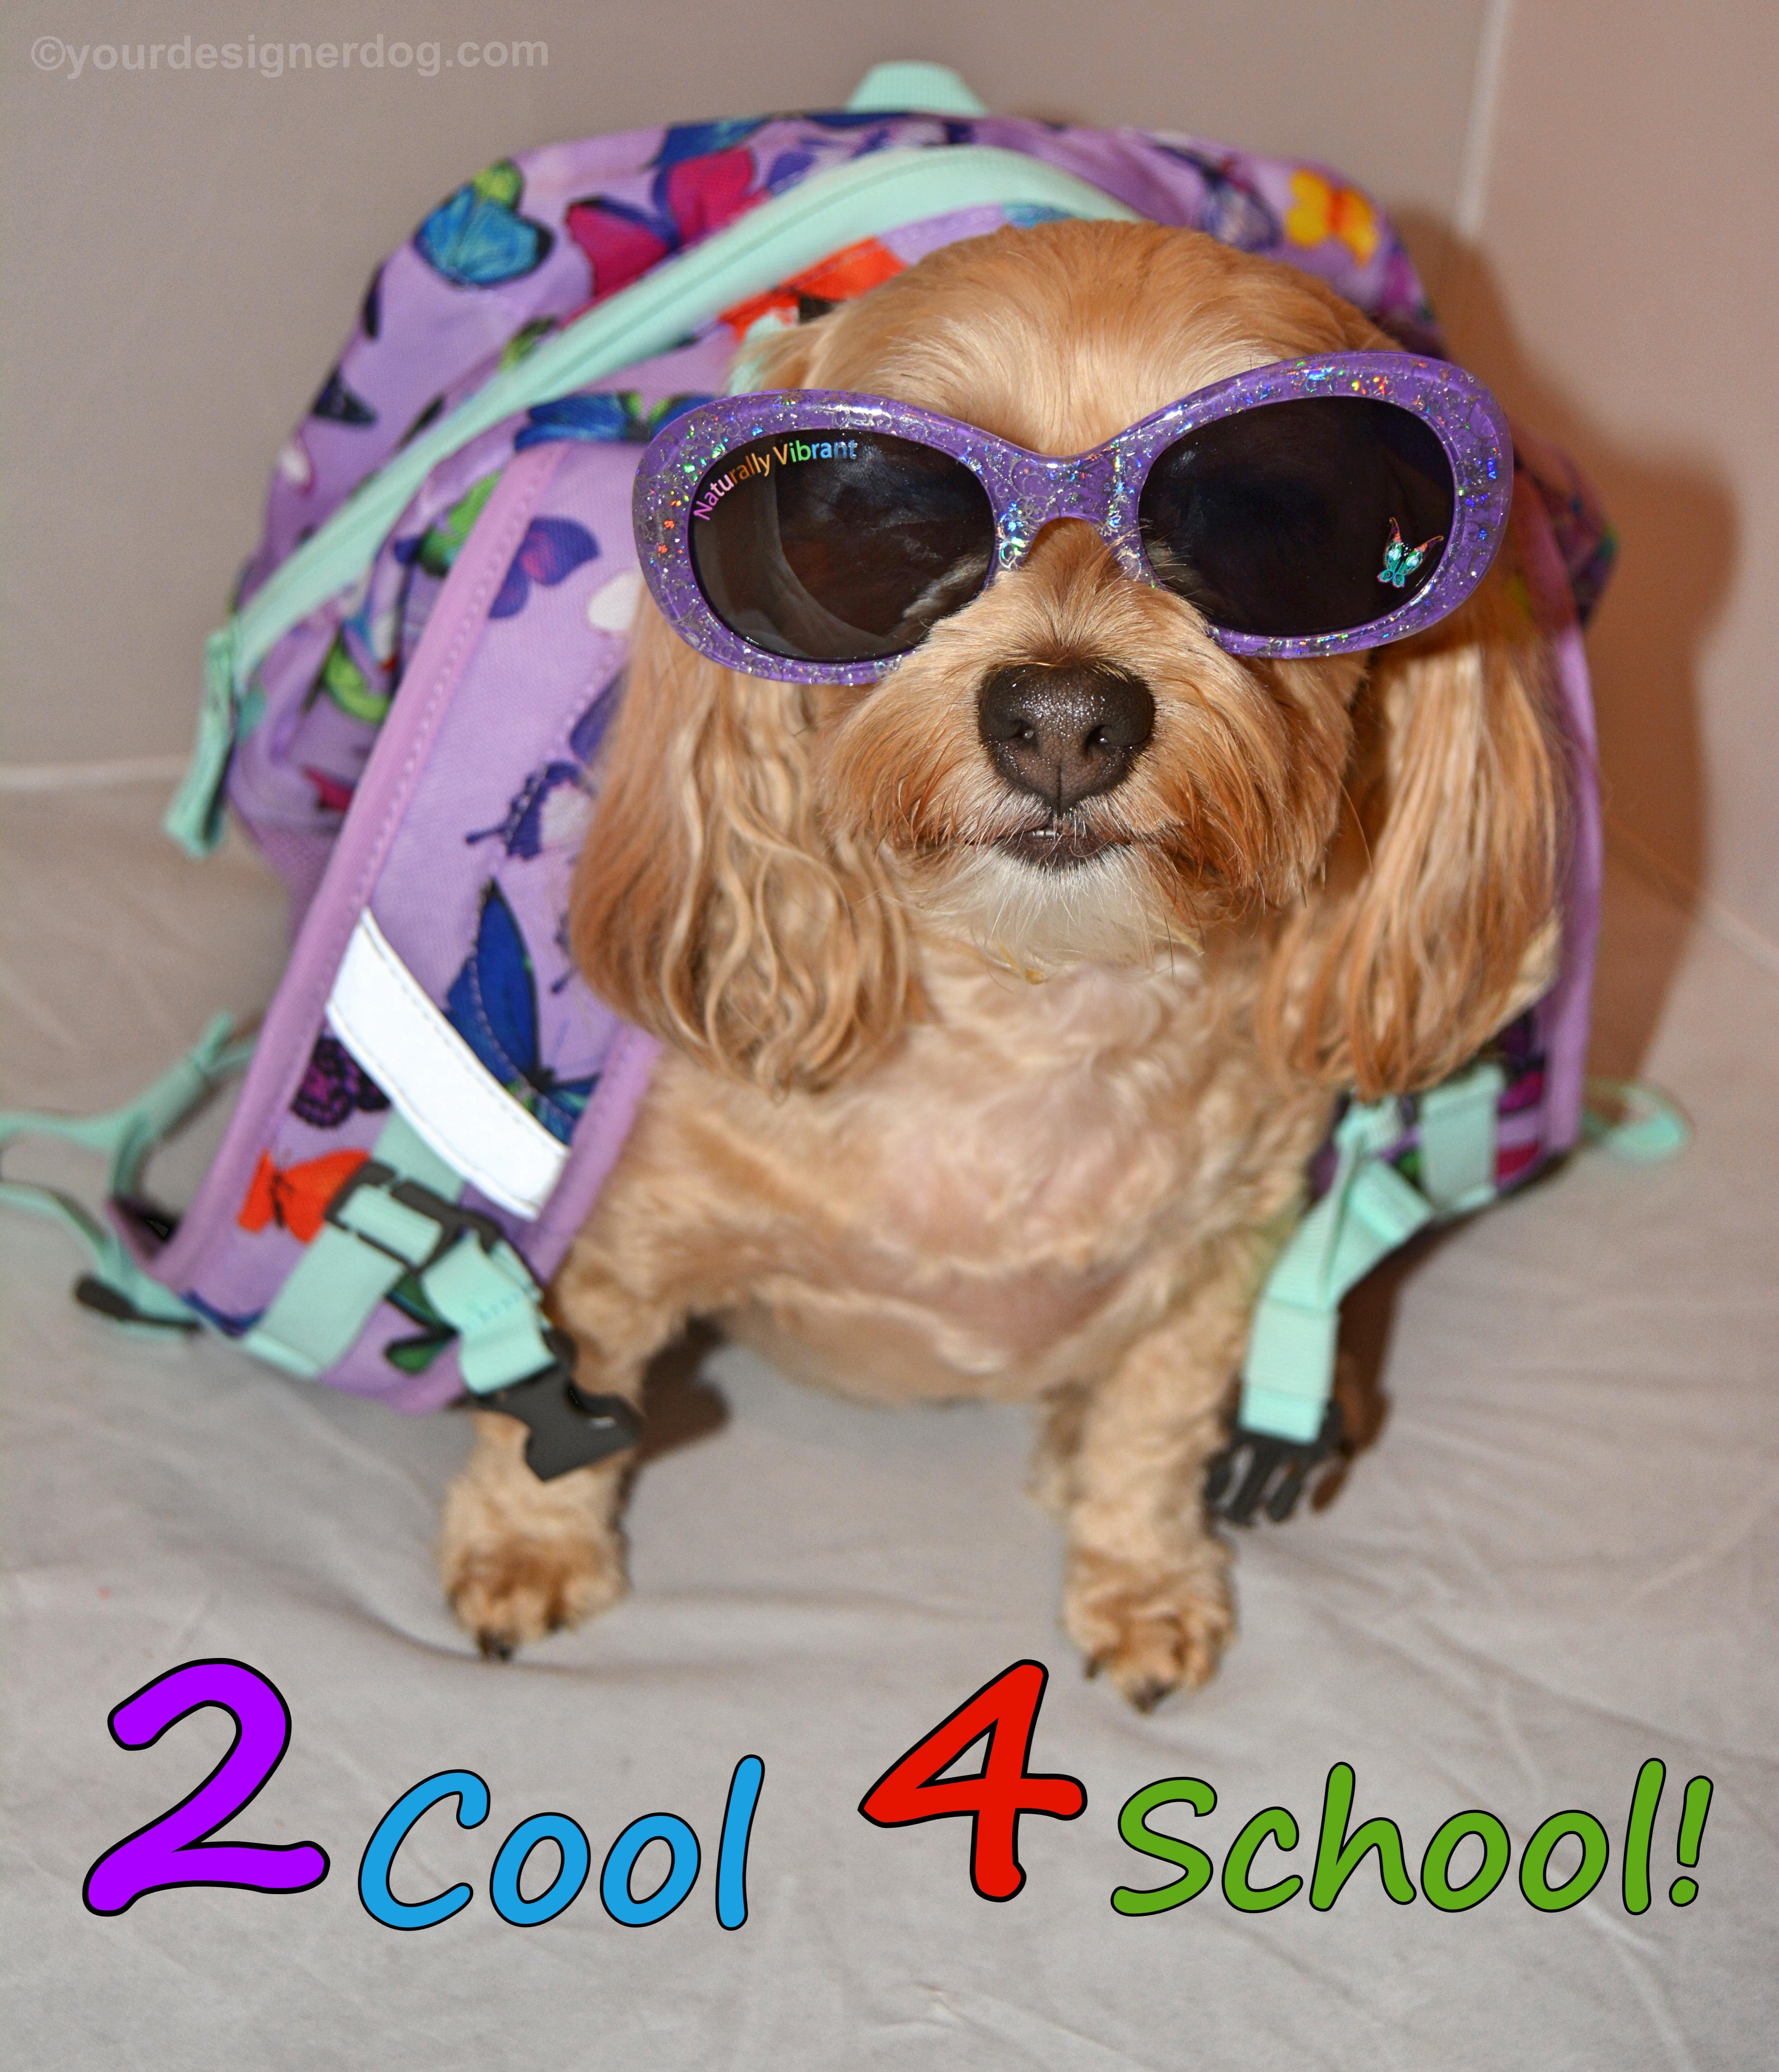 2 Cool 4 School!